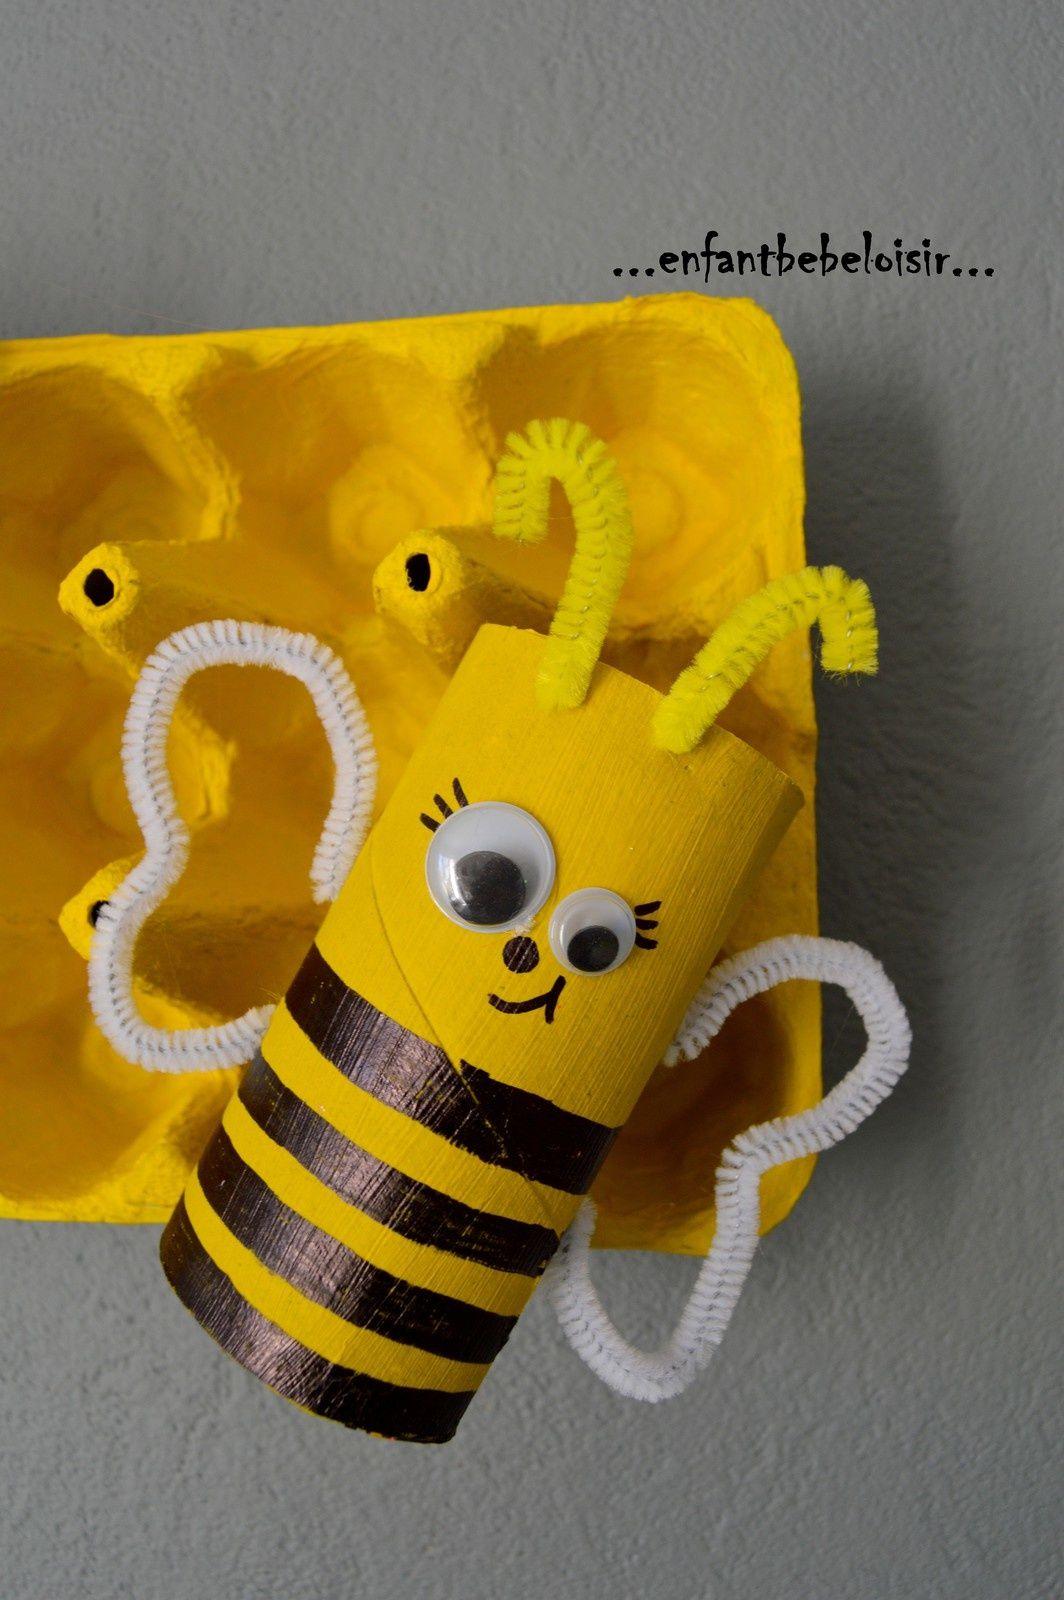 fabriquer une ruche et des abeilles library activit. Black Bedroom Furniture Sets. Home Design Ideas